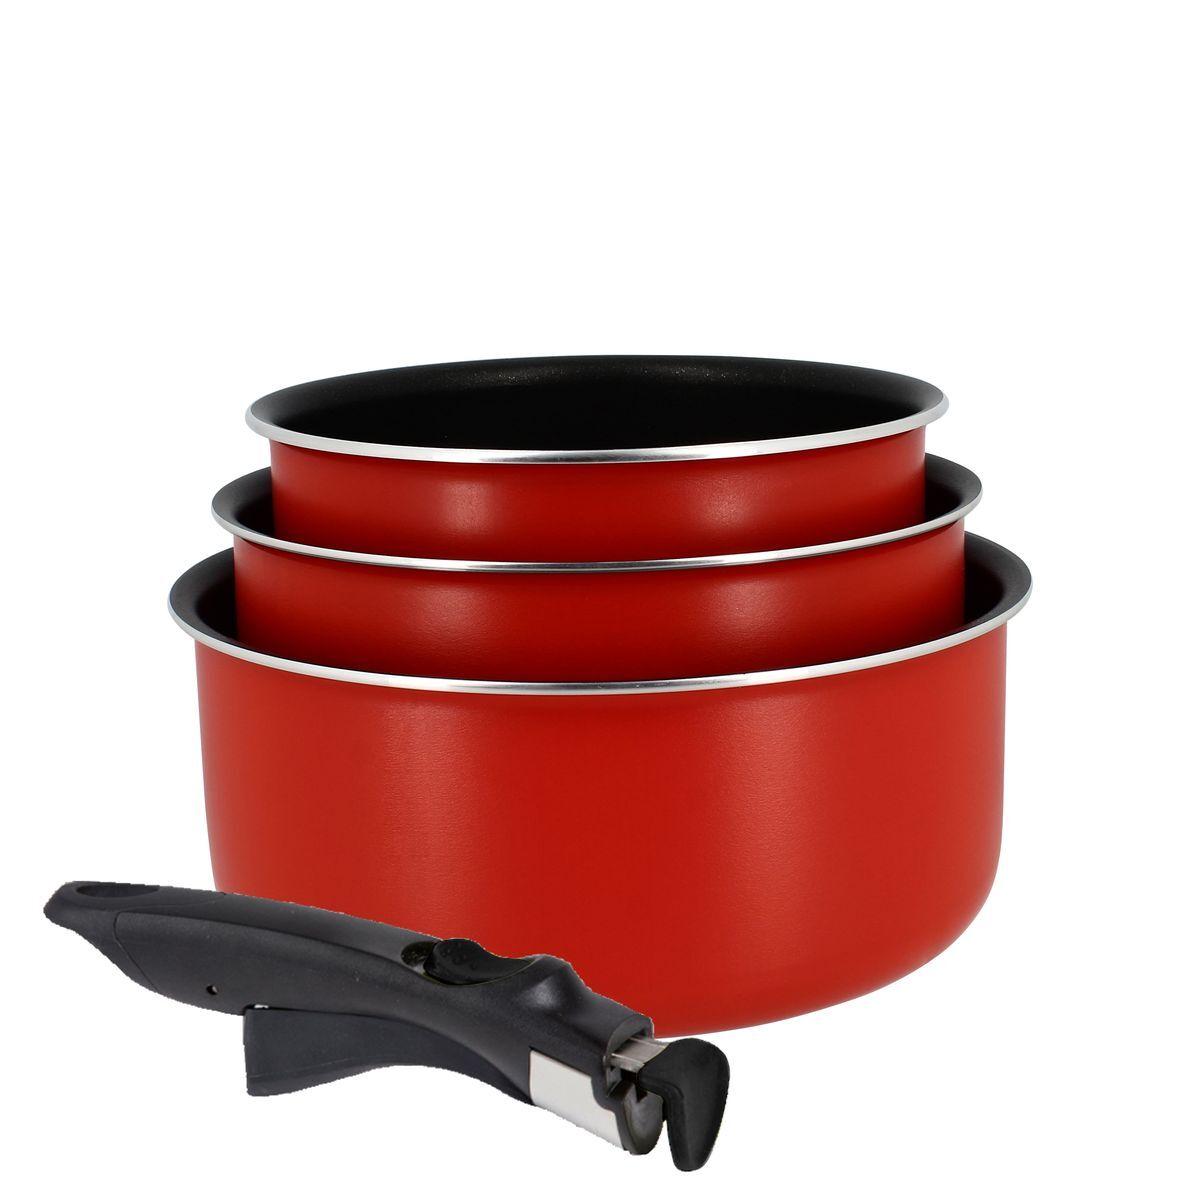 Menastyl Set de 3 casseroles non induction poignée amovible en acier inoxydable